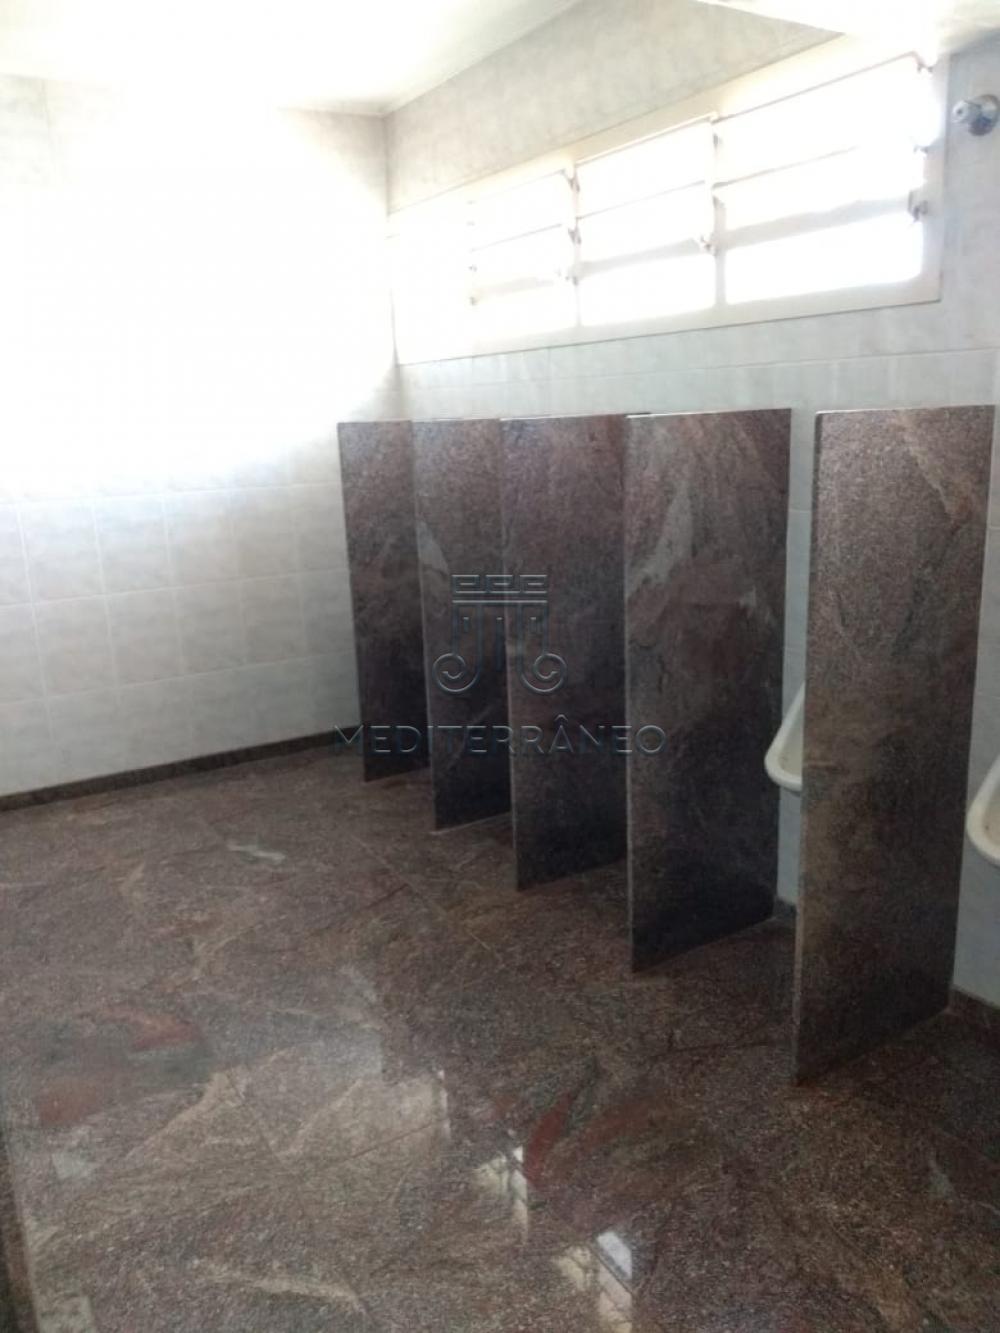 Alugar Comercial / Salão em Jundiaí apenas R$ 5.000,00 - Foto 7